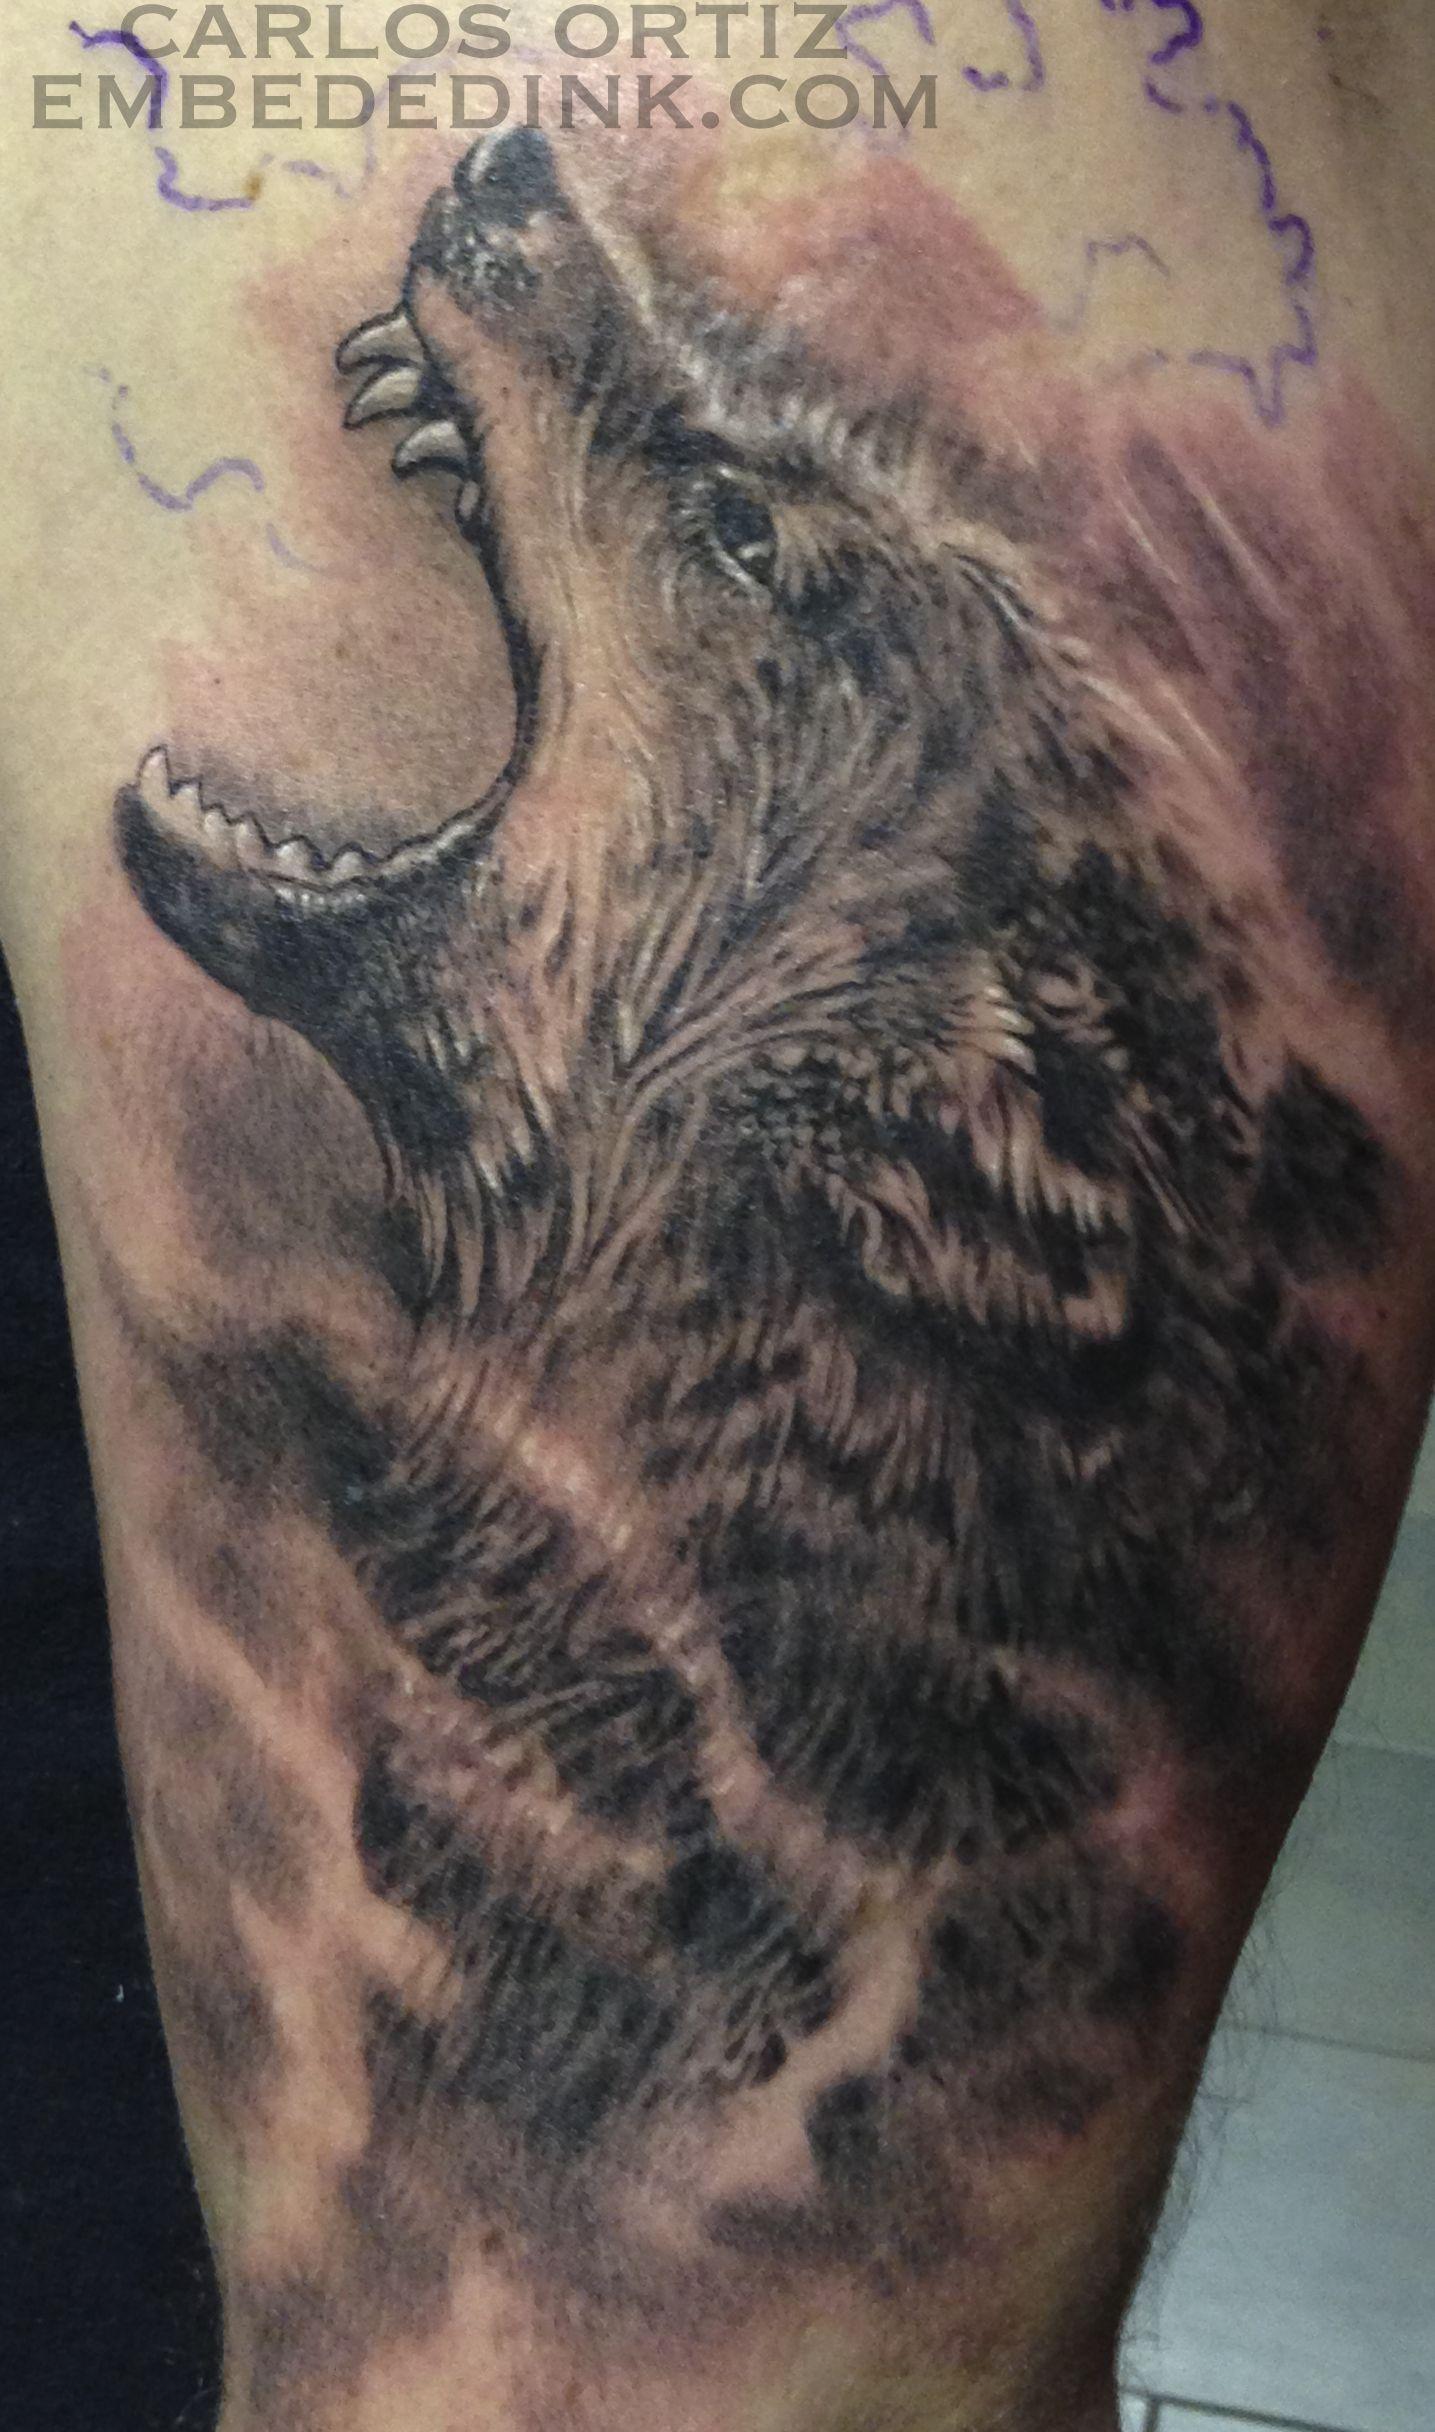 wolf half sleeve carlos ortiz embeded ink tattoos by carlos ortiz embededink. Black Bedroom Furniture Sets. Home Design Ideas